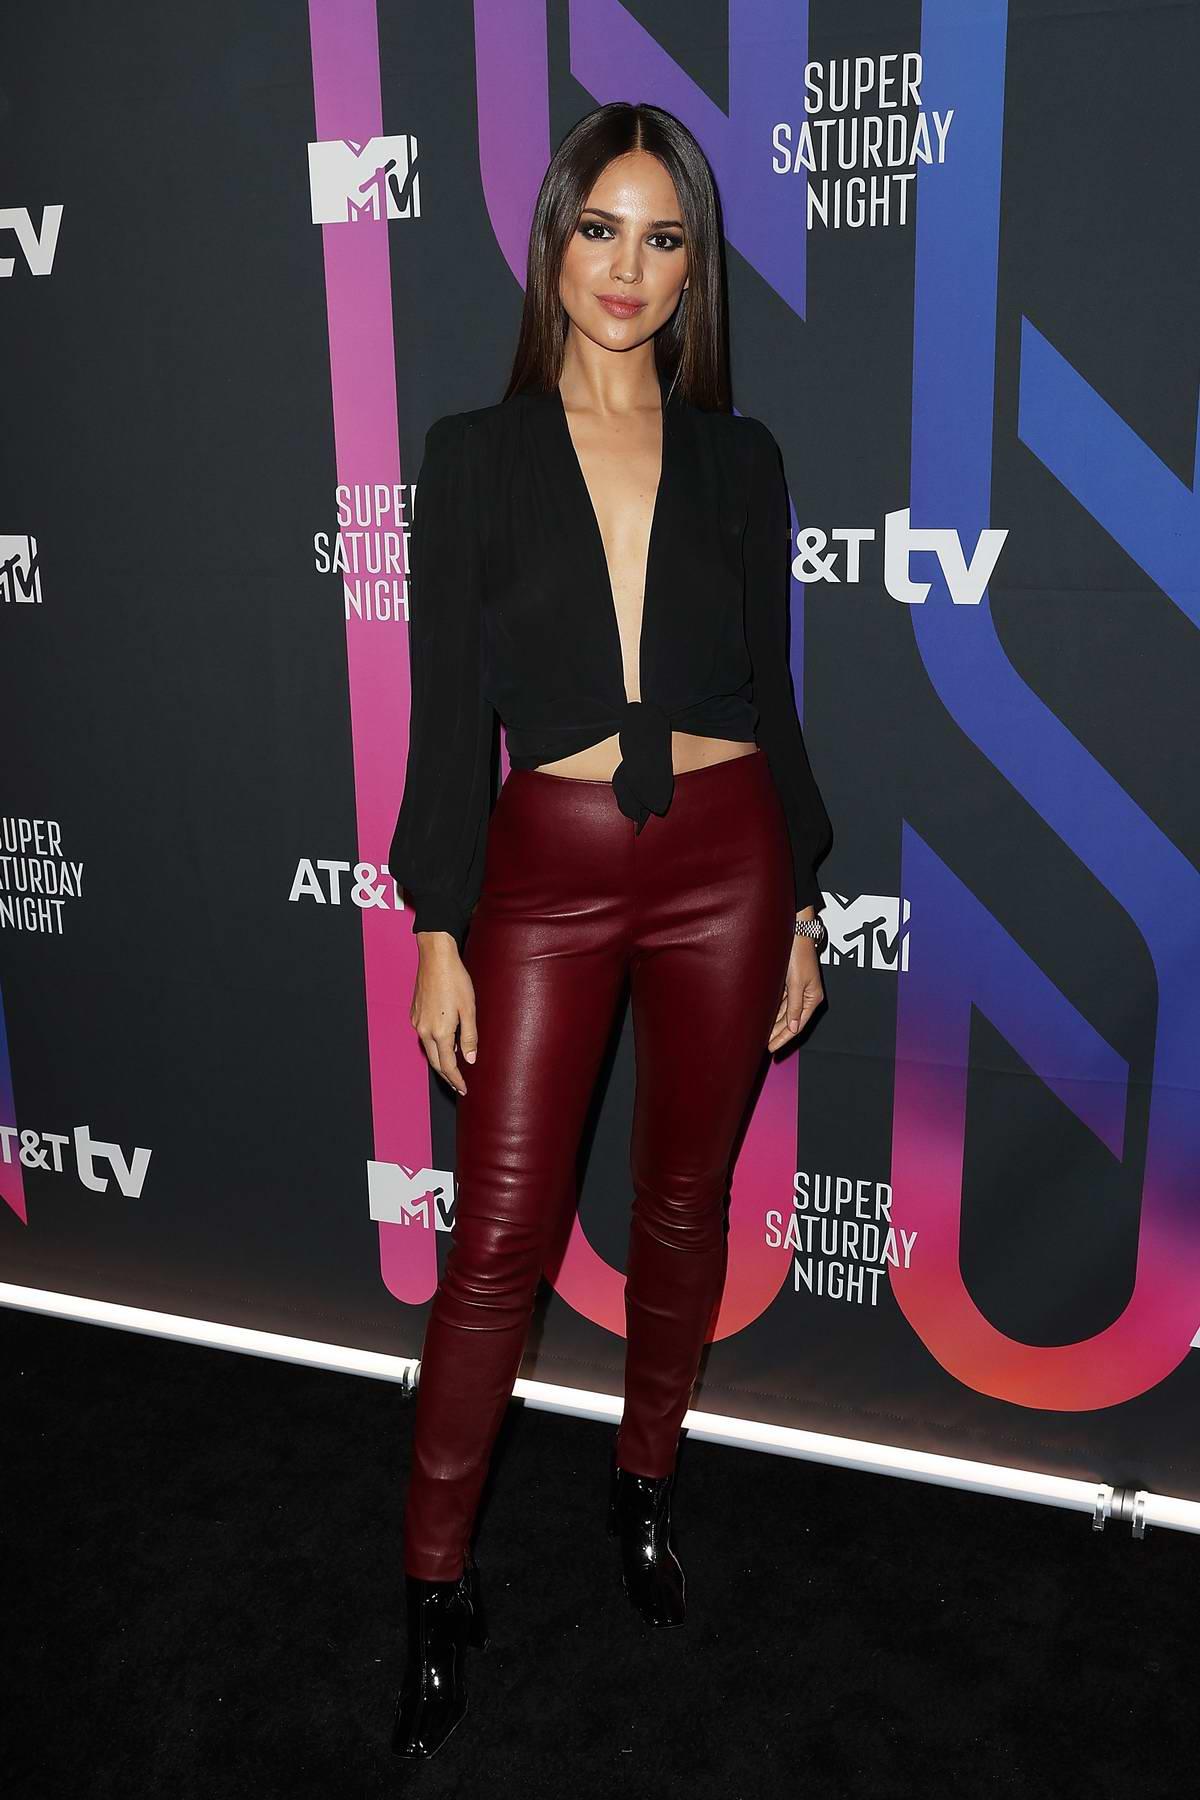 Eiza Gonzalez attends the AT&T TV Super Saturday Night in Miami, Florida